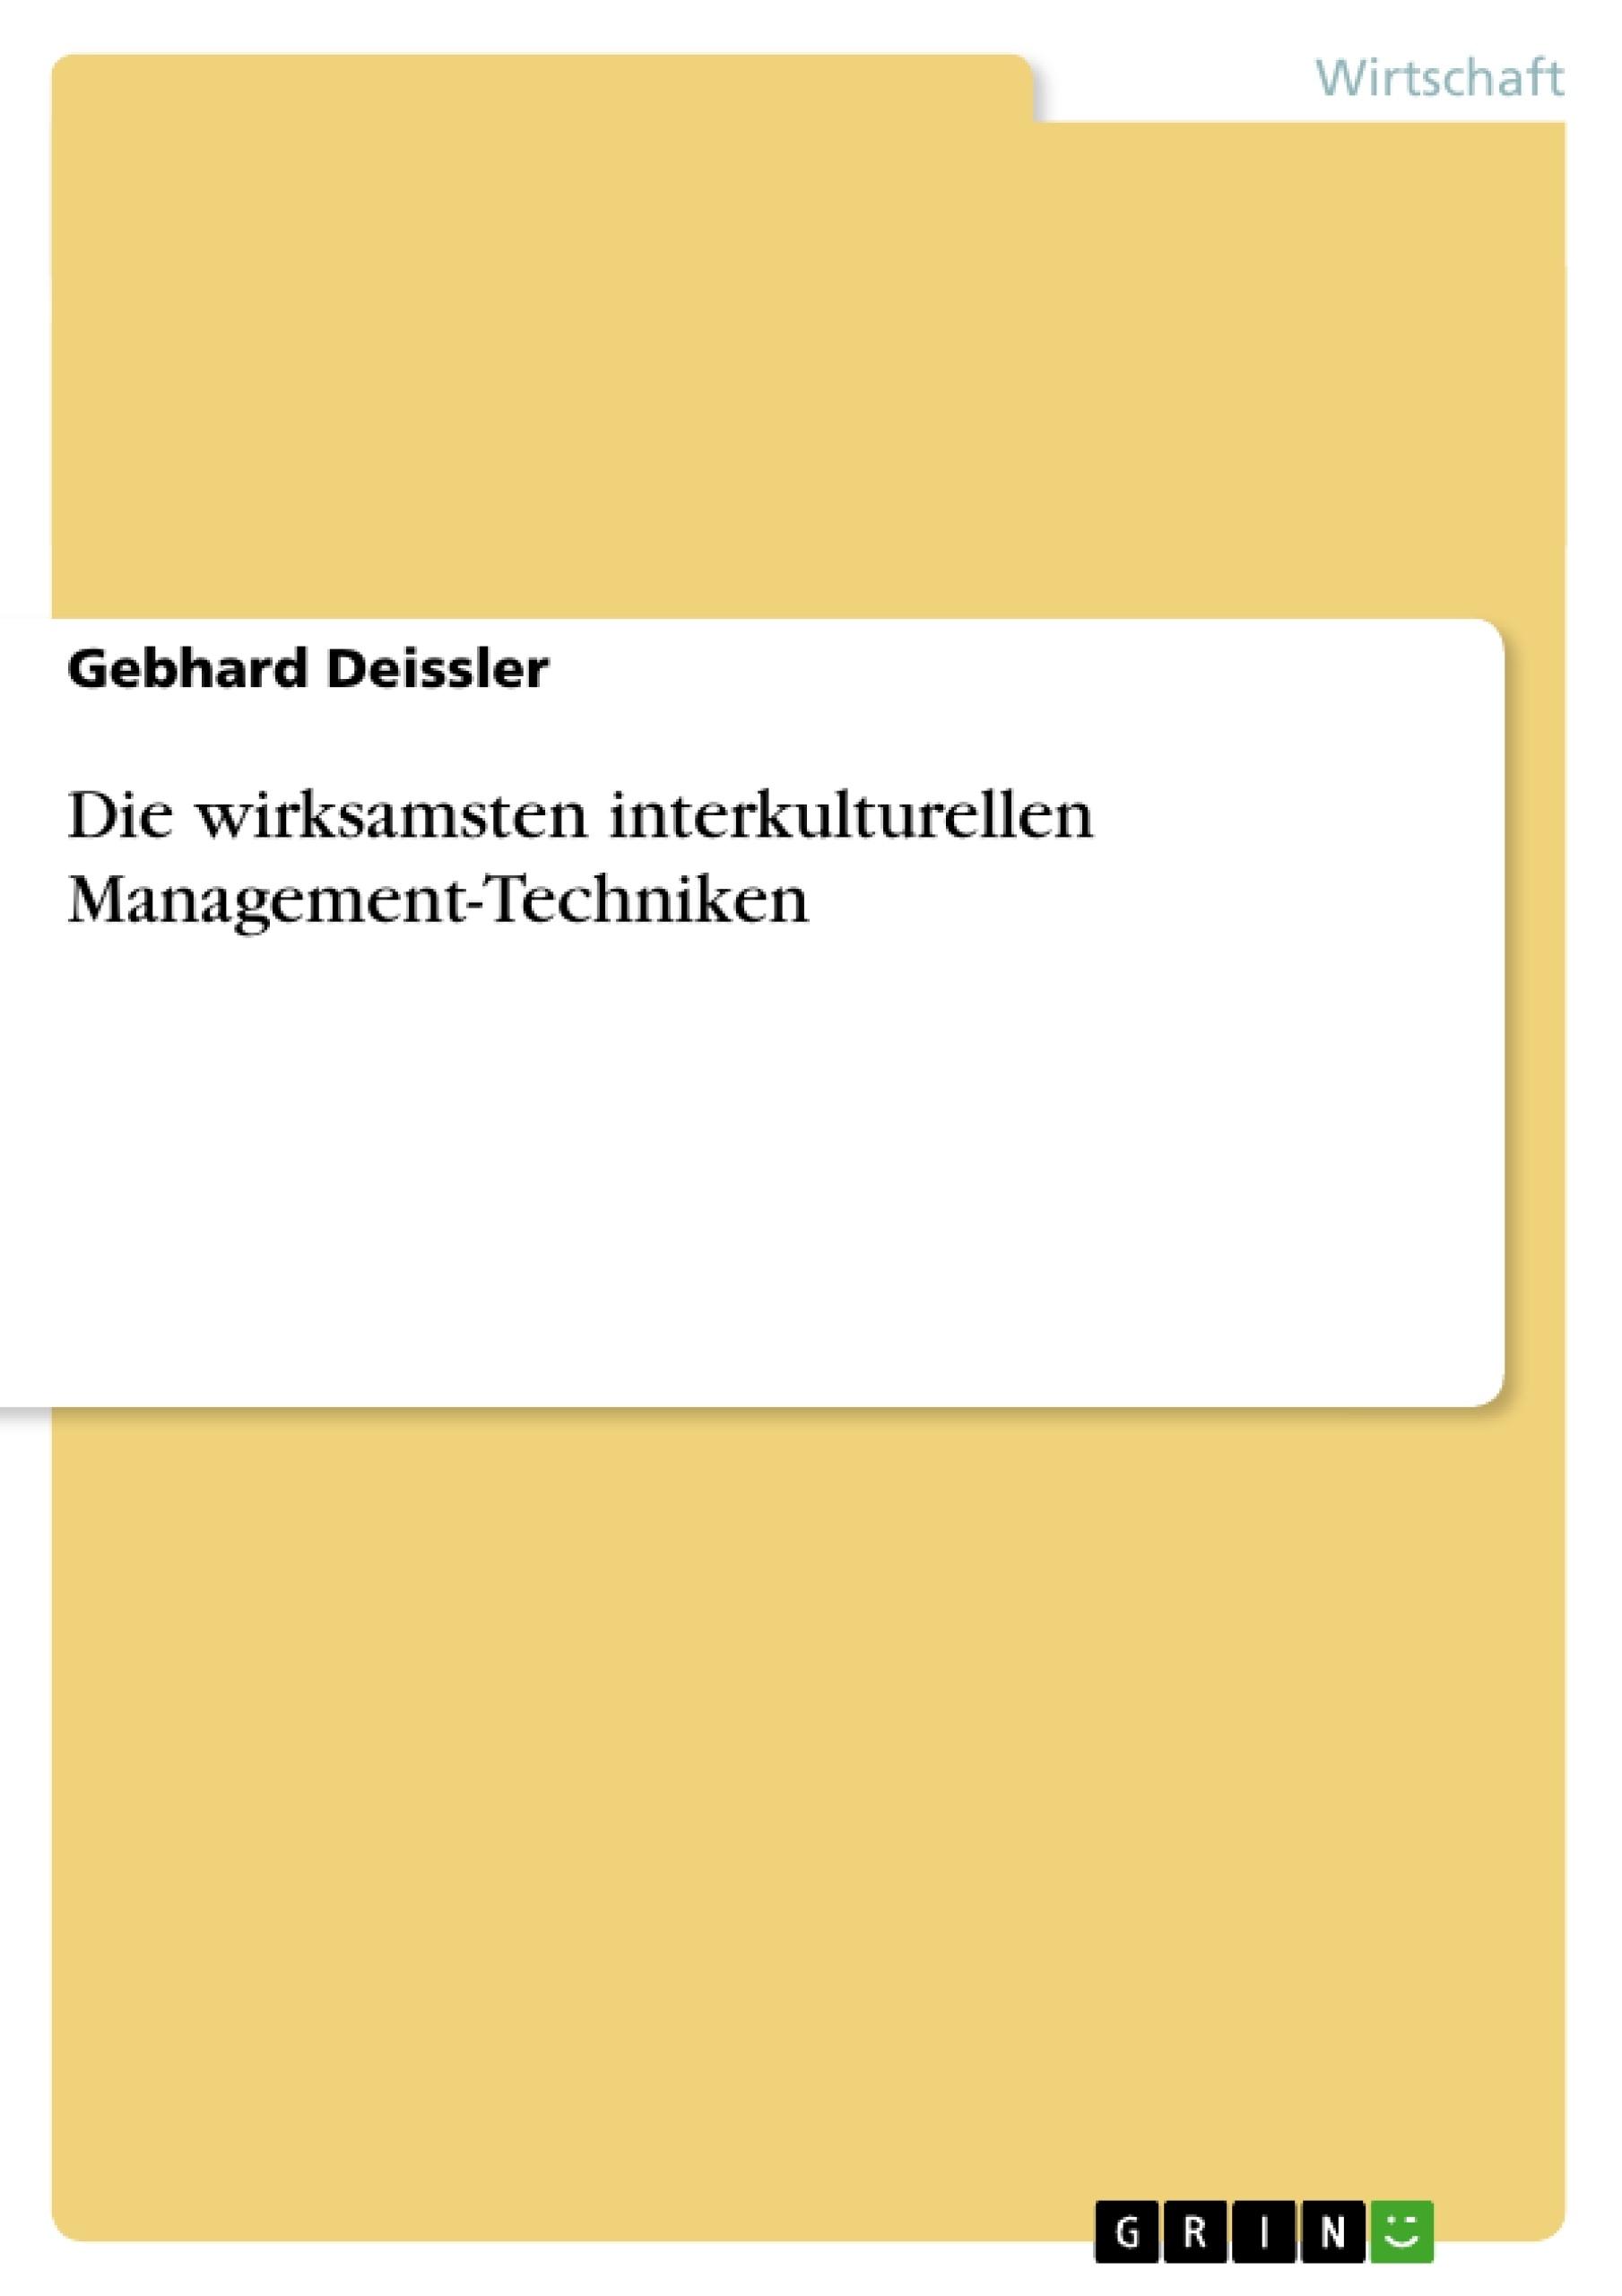 Titel: Die wirksamsten interkulturellen Management-Techniken